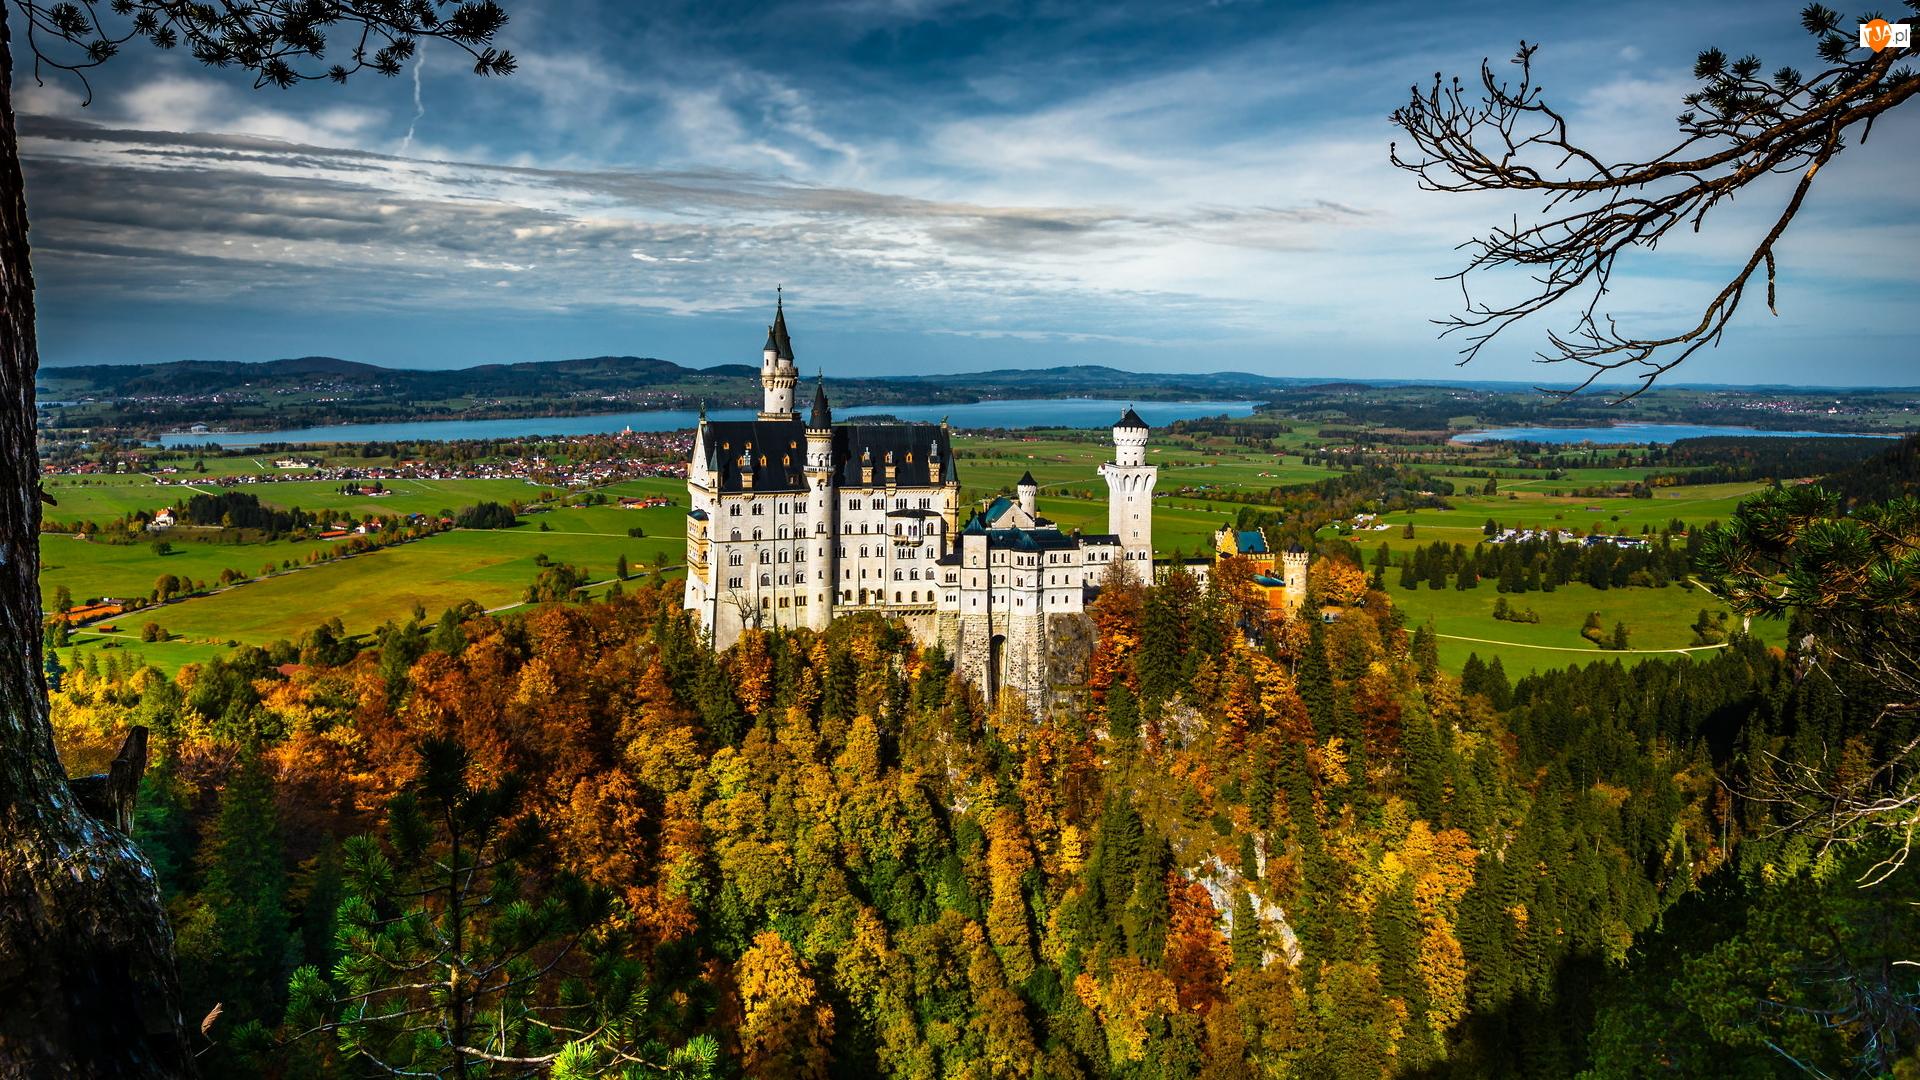 Pola, Jesień, Zamek Neuschwanstein, Bawaria, Wzgórze, Drzewa, Niemcy, Lasy